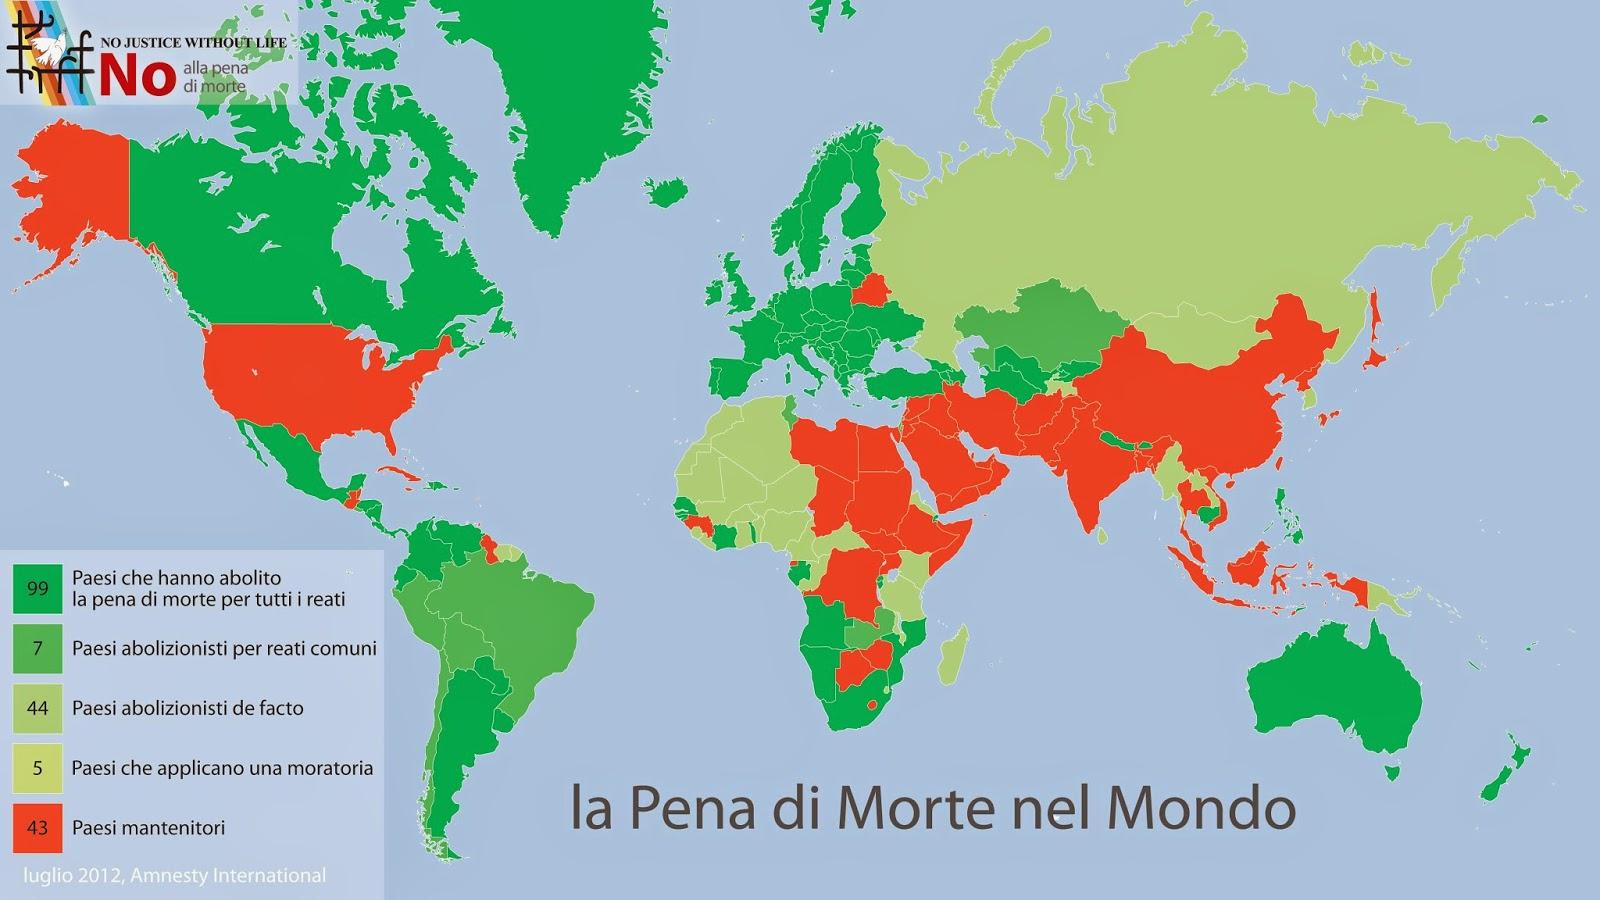 Risultati immagini per pena di morte nel mondo mappa